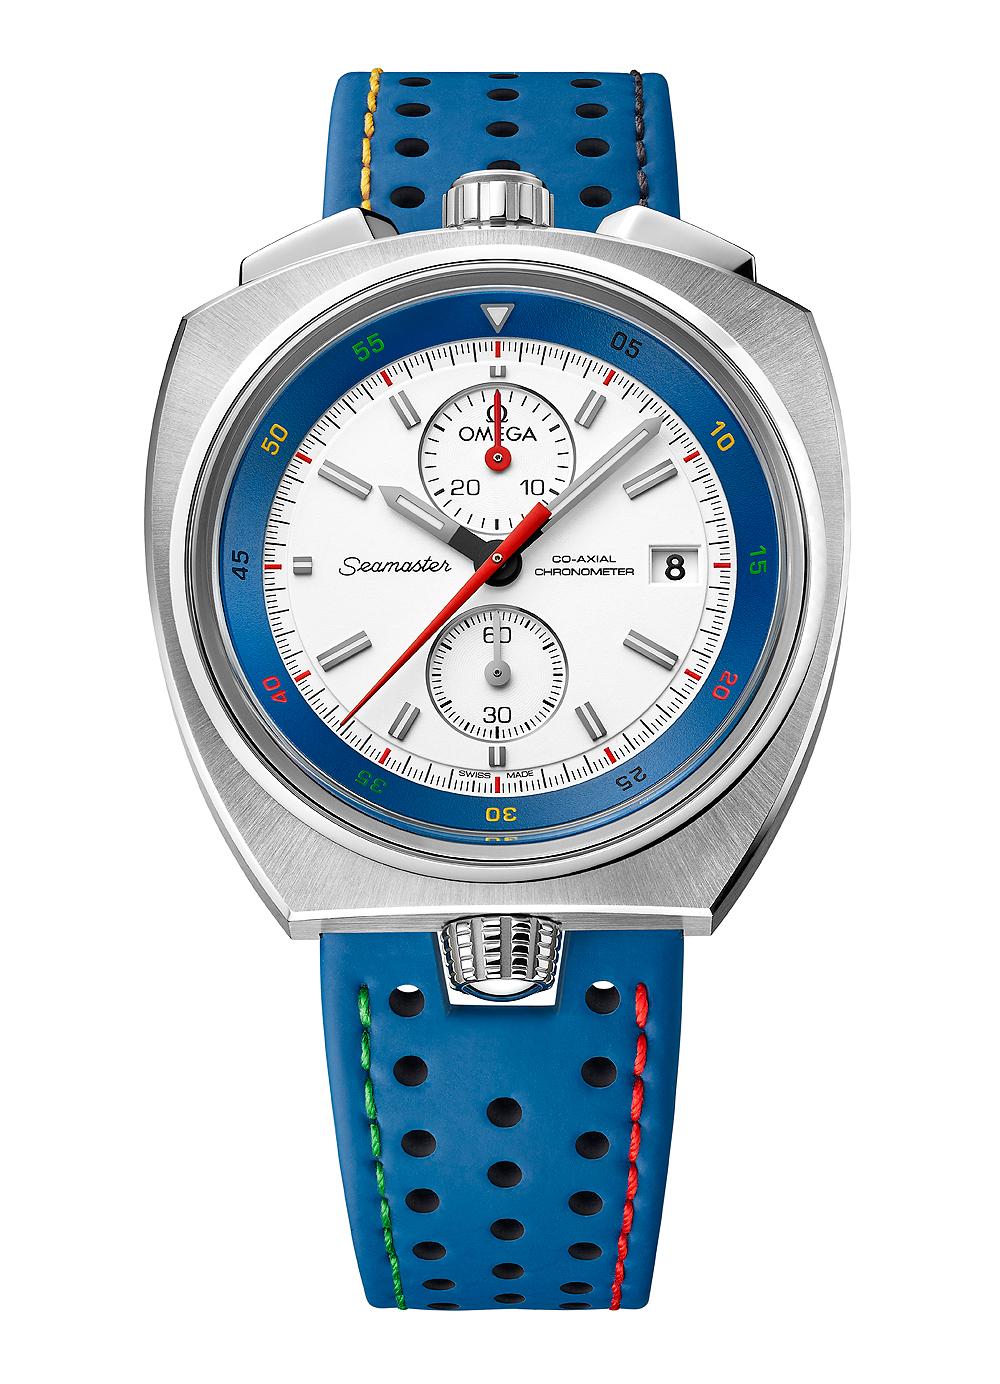 Cơ hội sở hữu 5 mẫu đồng hồ Omega Olympic Tokyo 2020 - 9